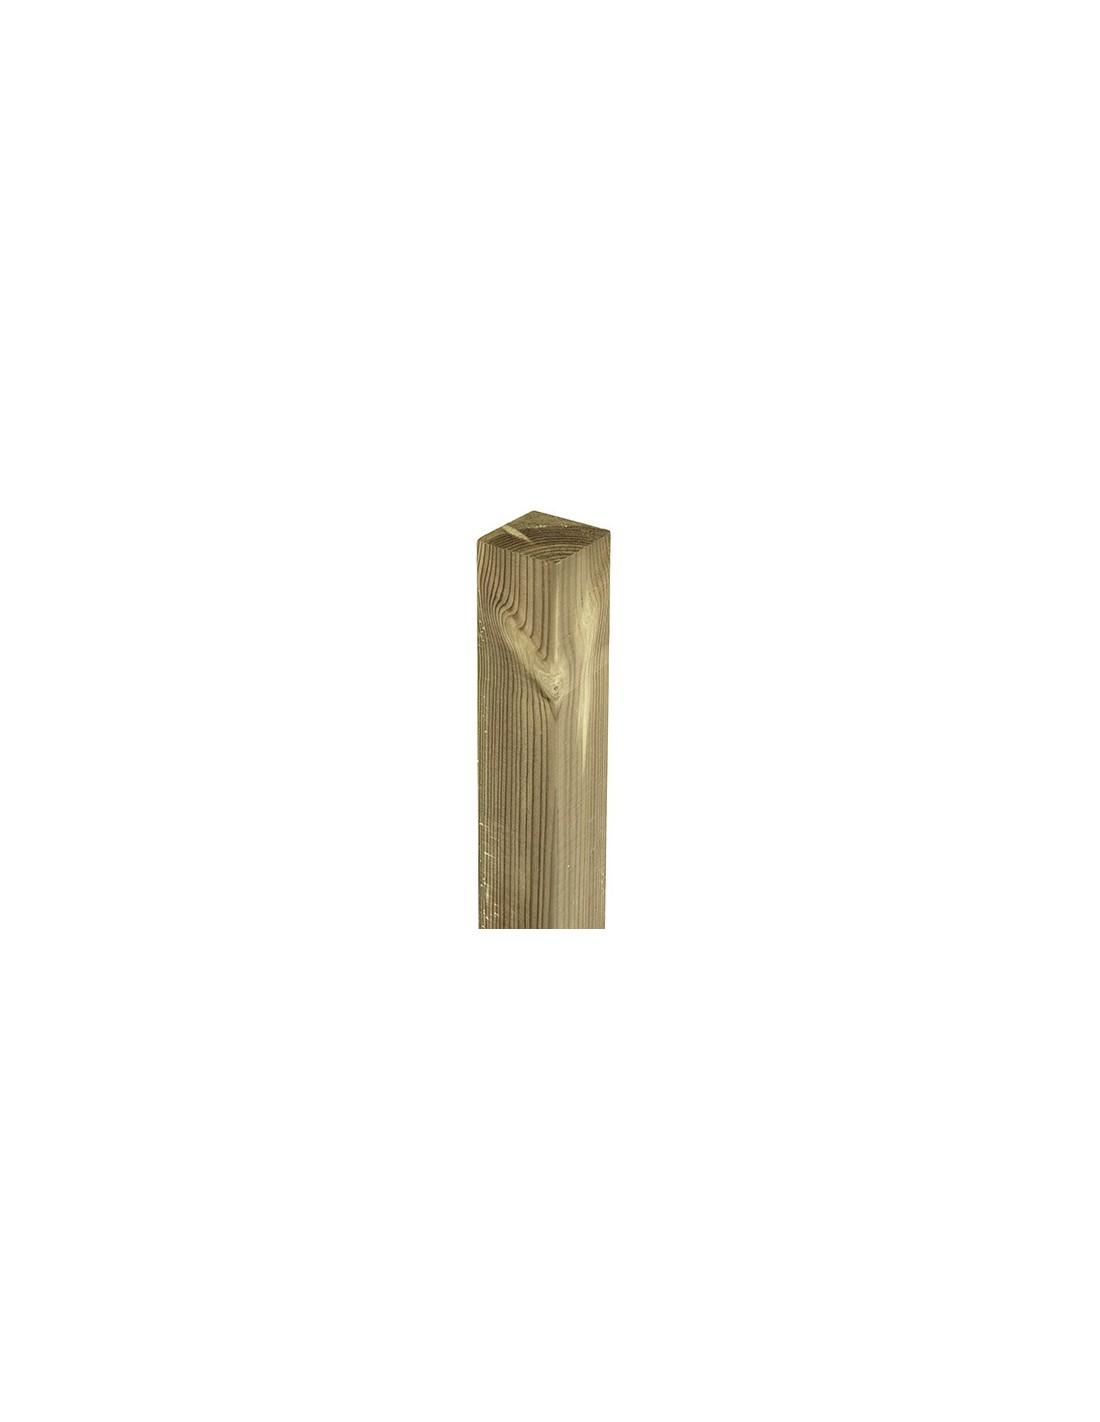 Poteau carr 4 tailles choix bois trait autoclave - Poteau bois carre ...